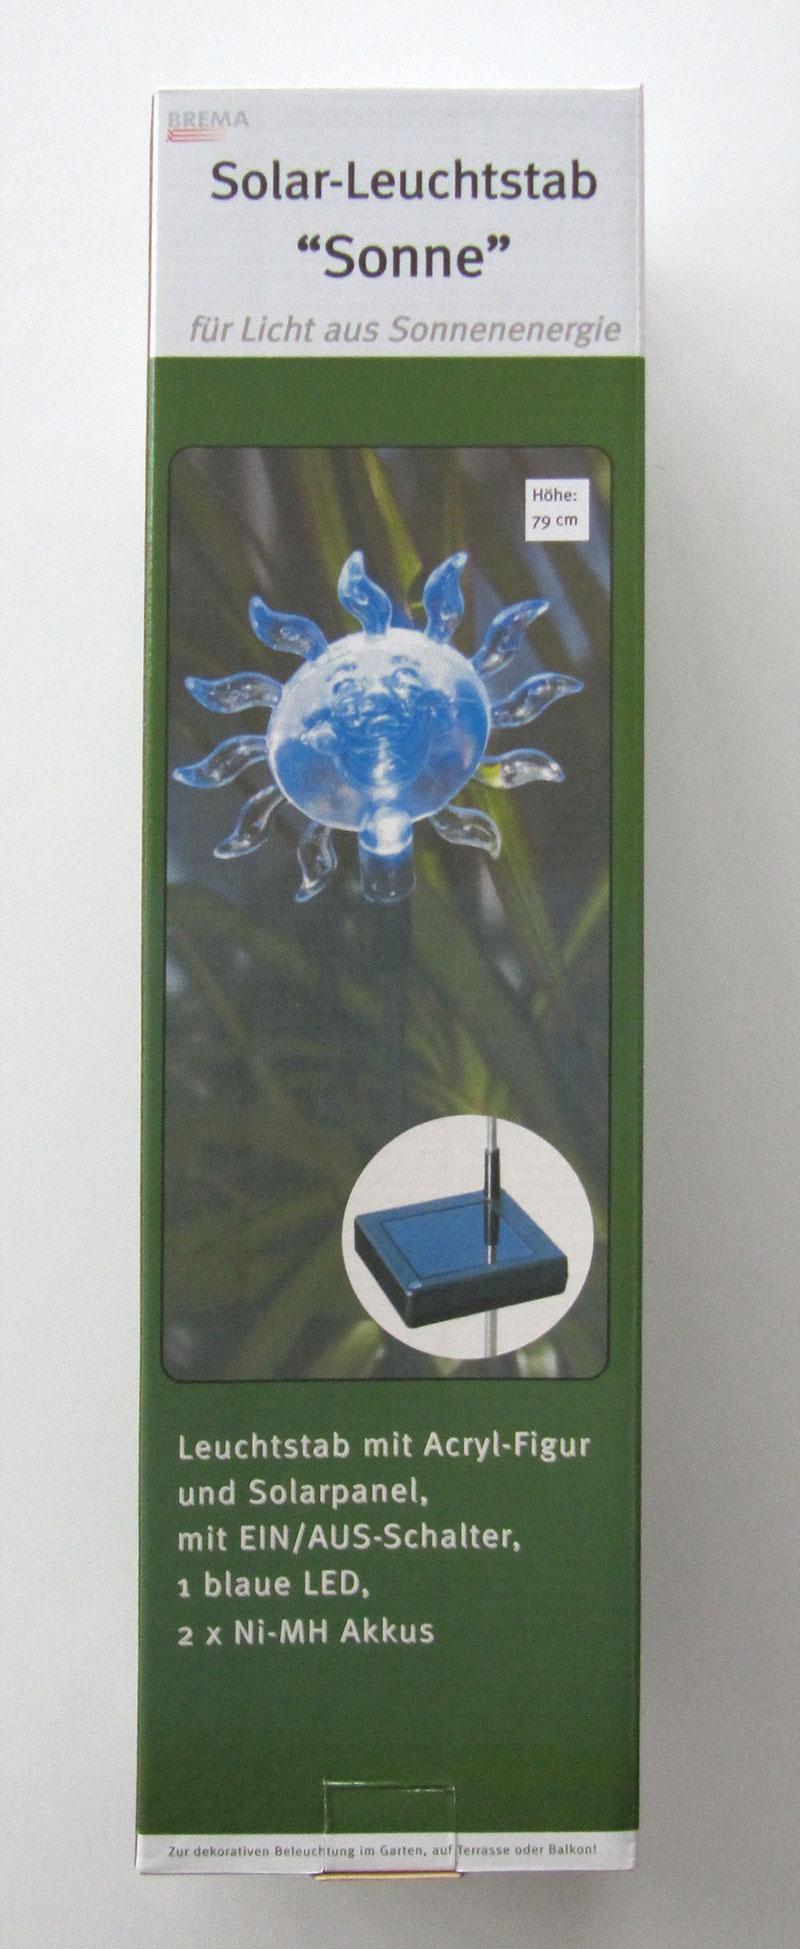 LED Solar Leuchtstab / Gartenstecker Sonne 79cm Bild 1